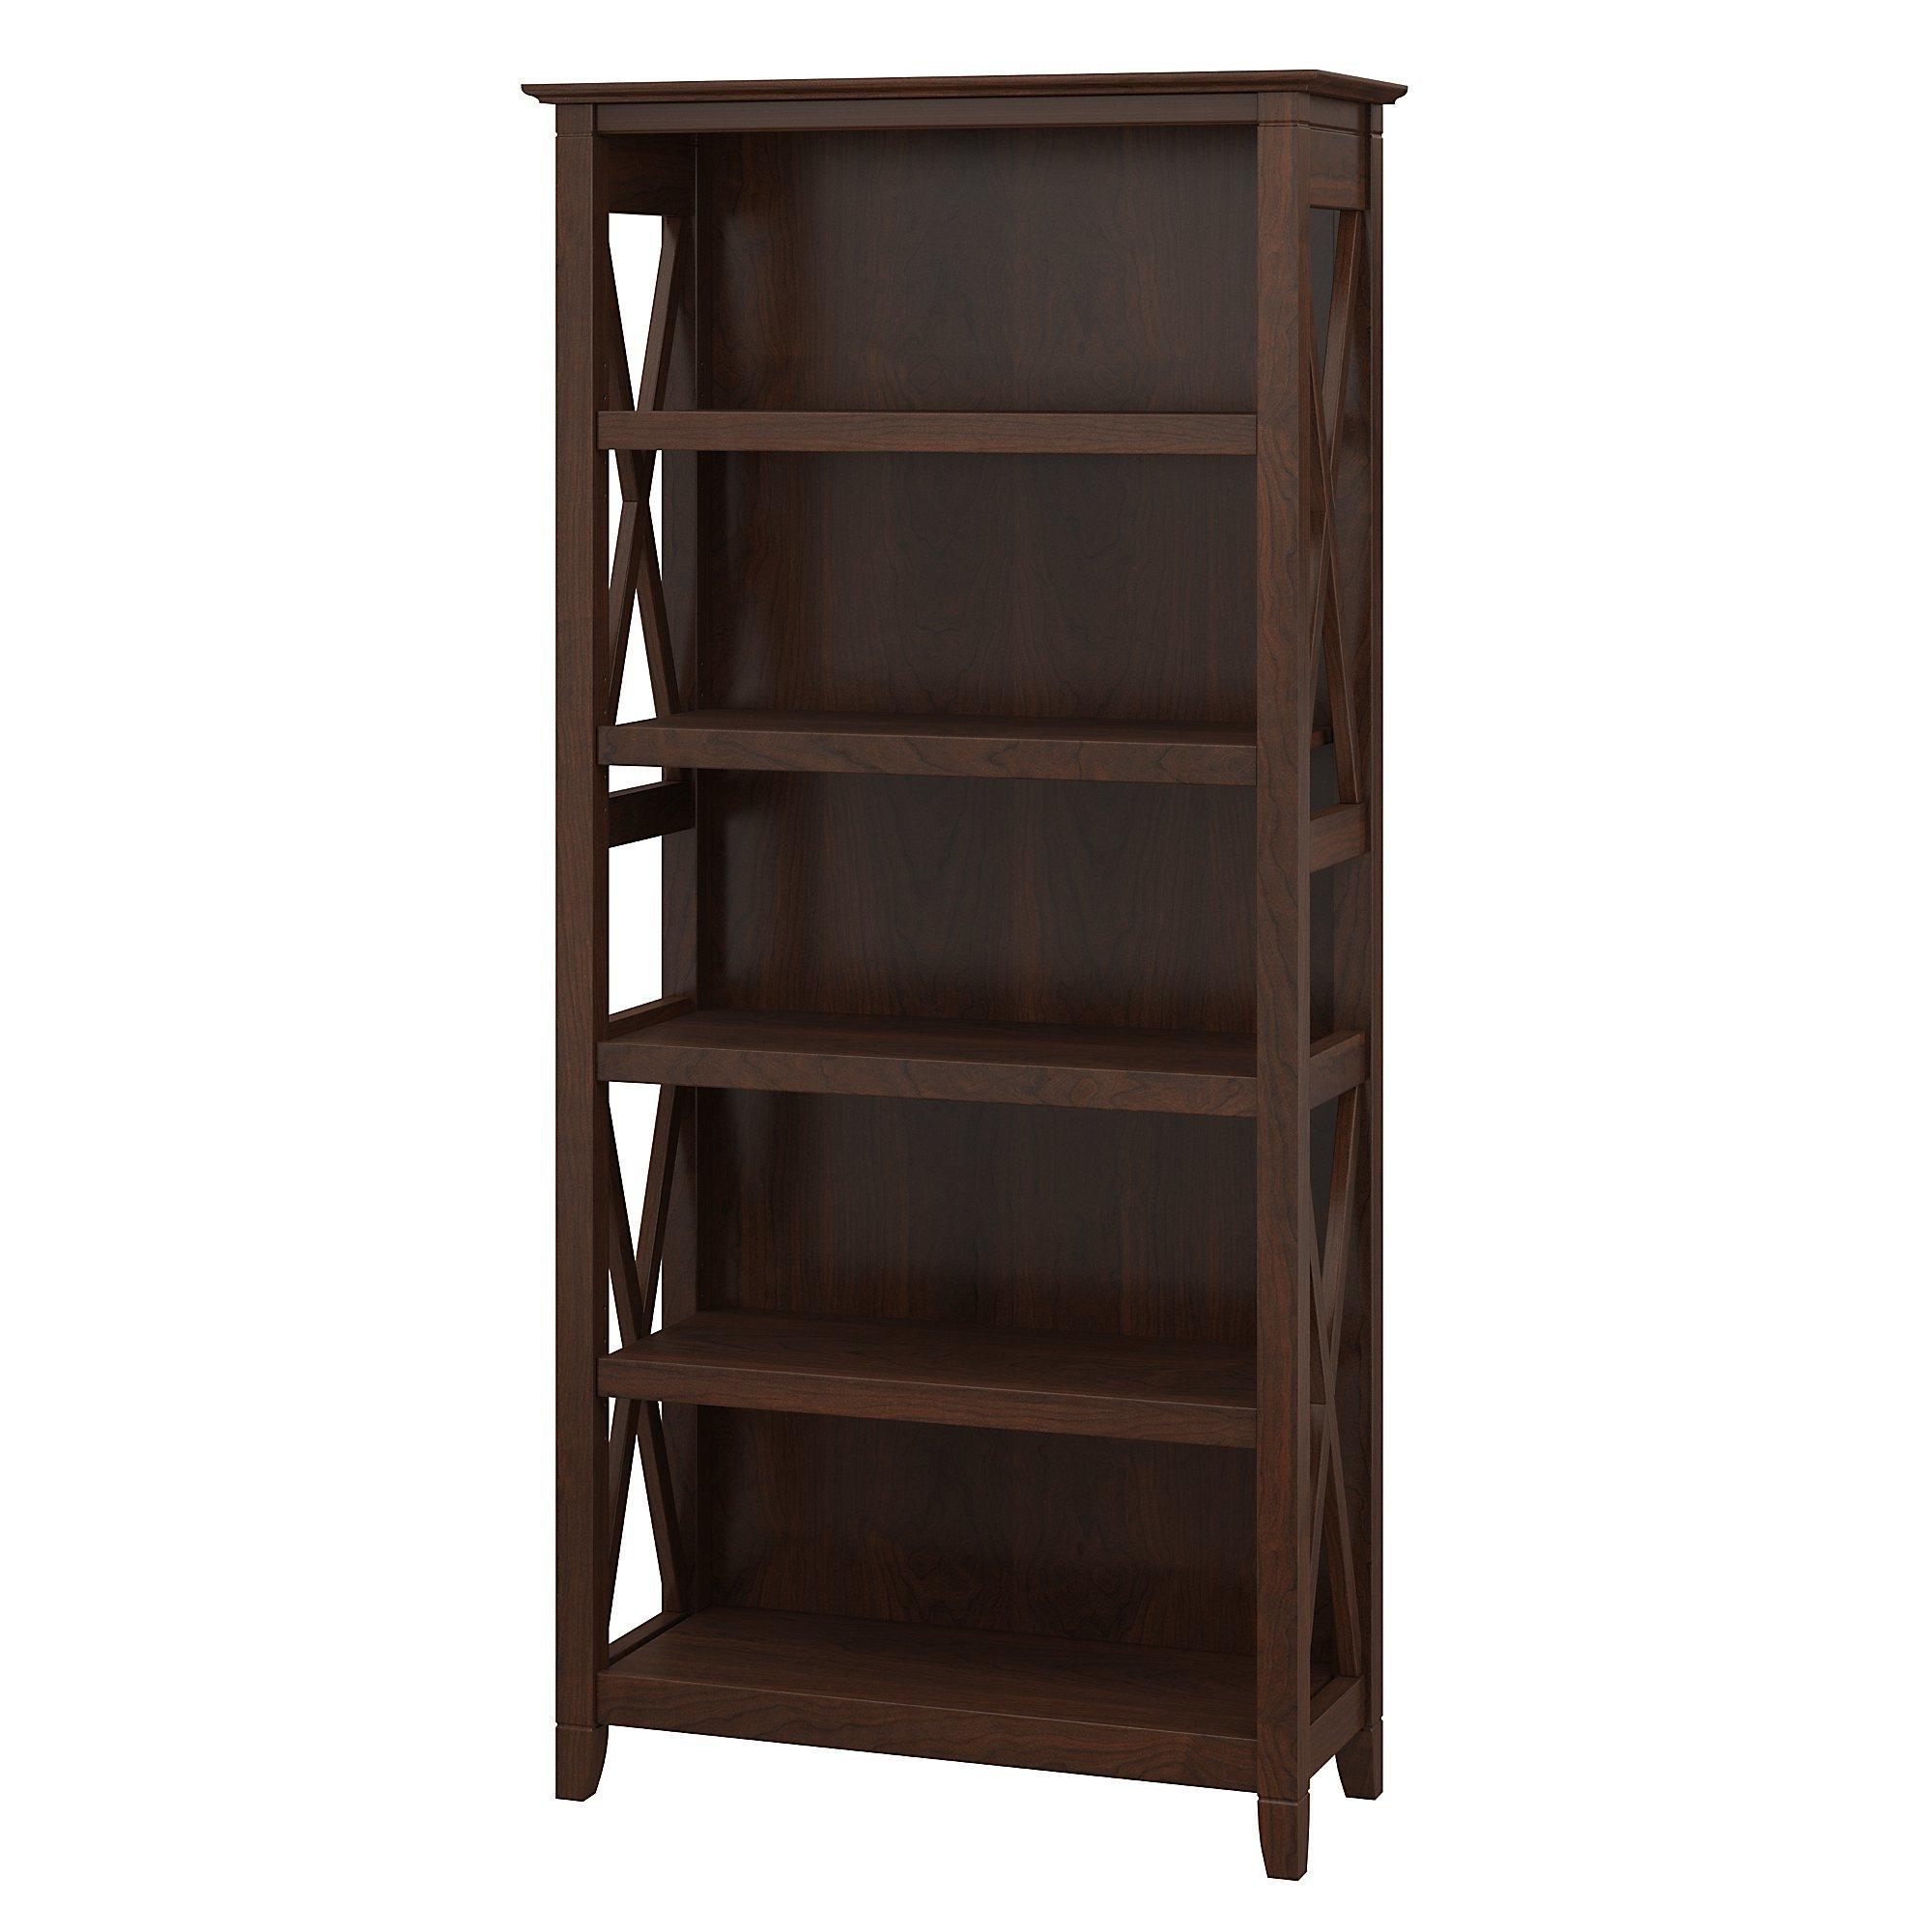 Oridatown Standard Bookcase Regarding 2019 Oridatown Standard Bookcases (View 11 of 20)